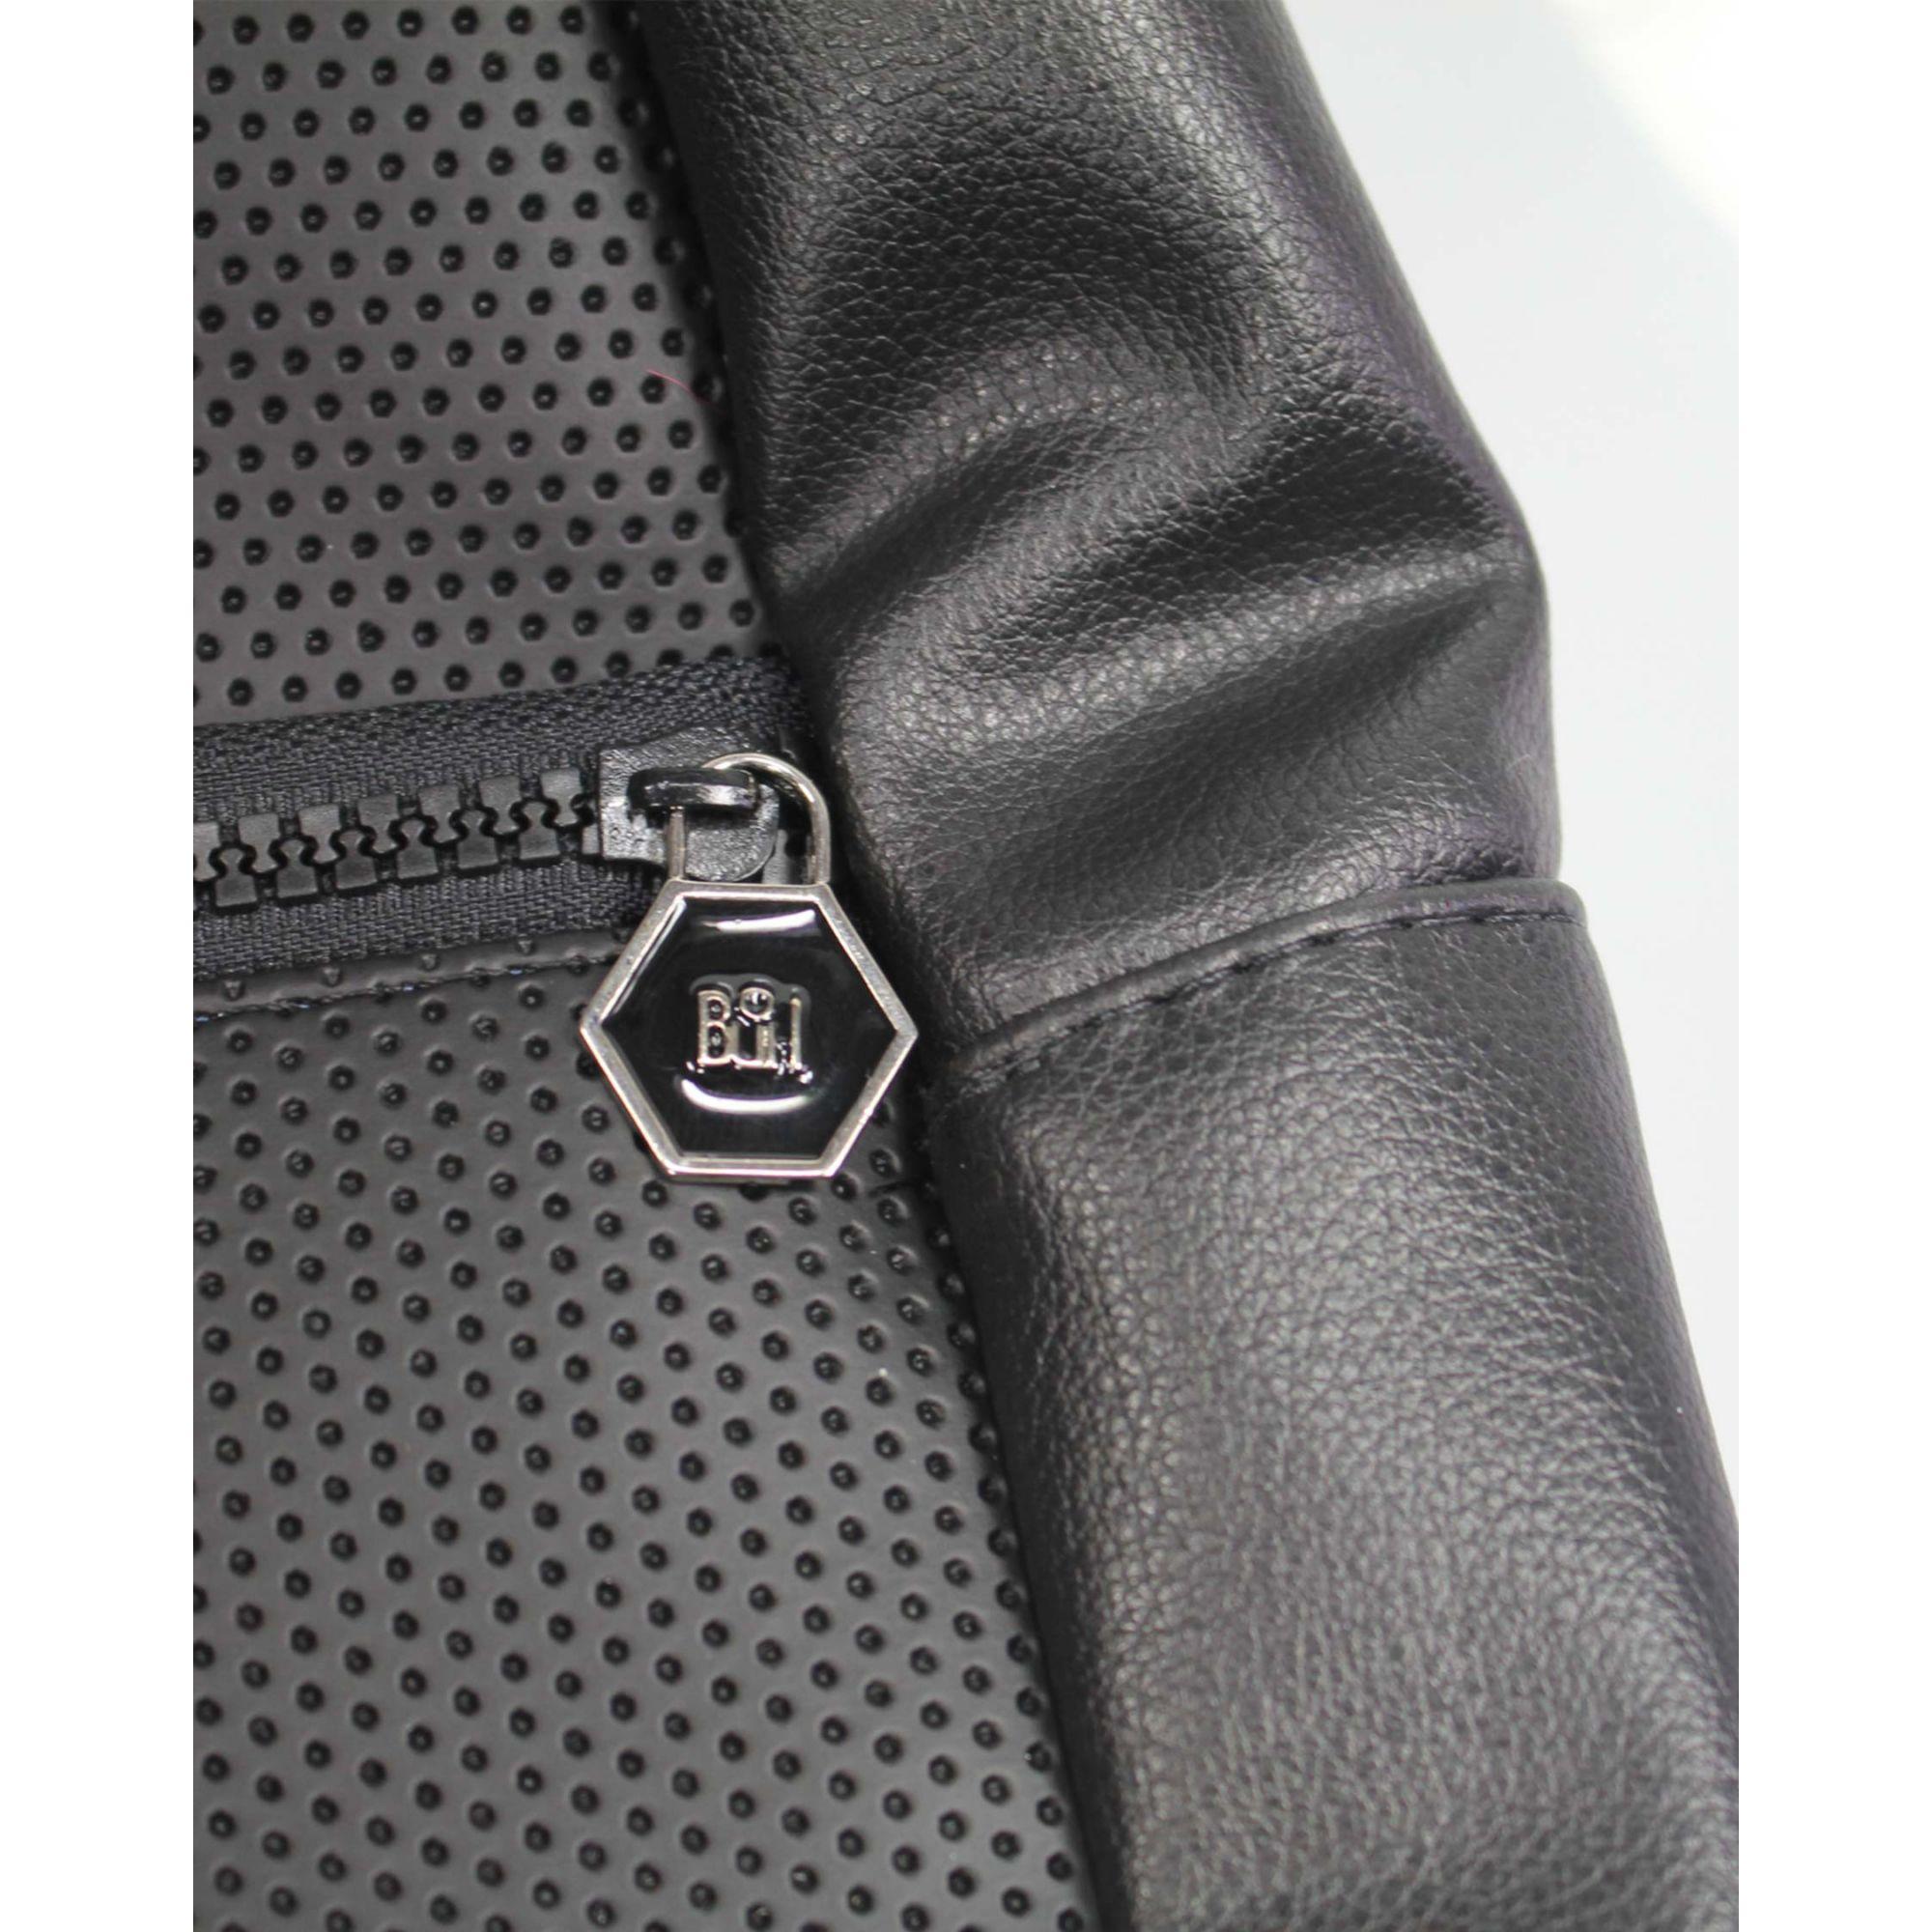 Mochila Buh Dedo Logo Black